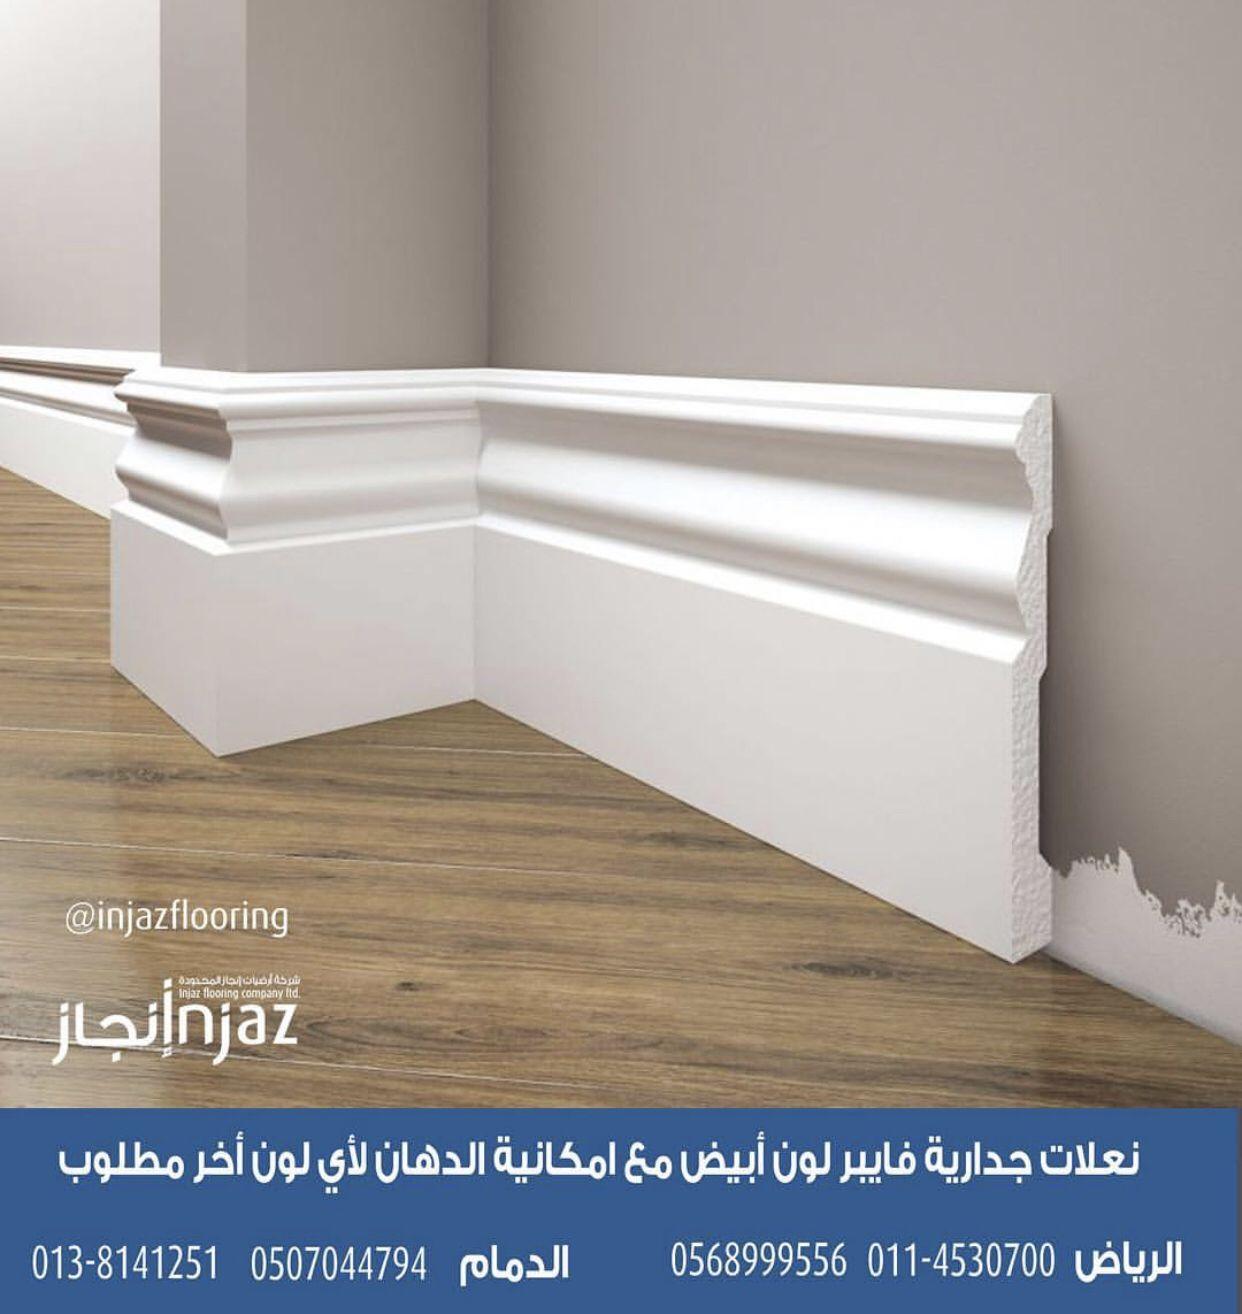 نعلات جدارية فايبر قابلة للدهان ضد الماء Home Goods Decor Door Design Interior Bedroom False Ceiling Design